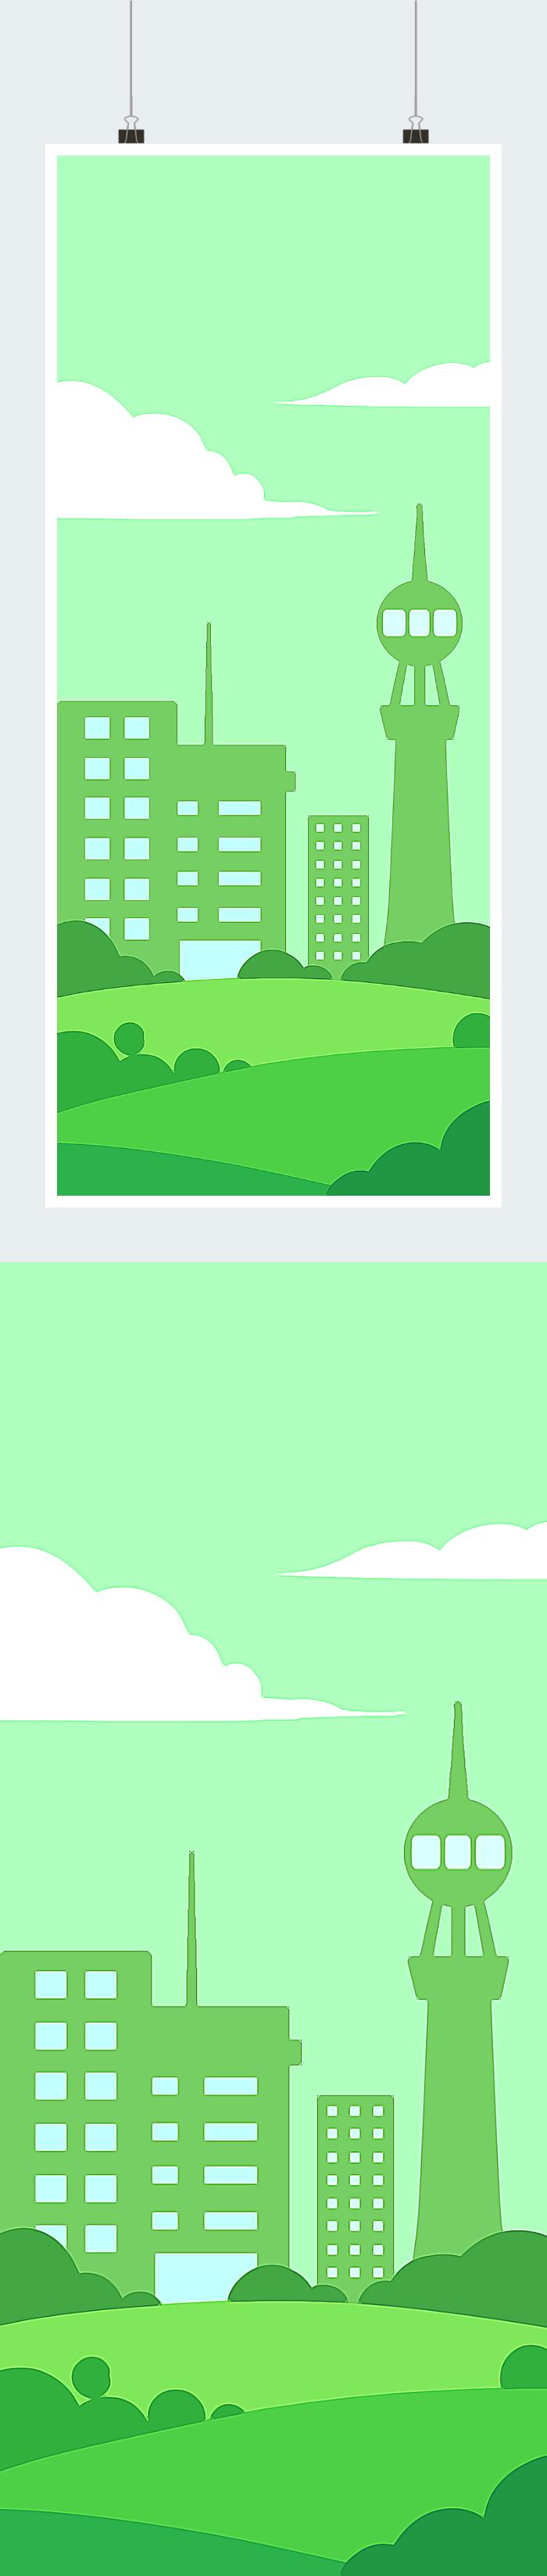 环保主题ppt背景图片